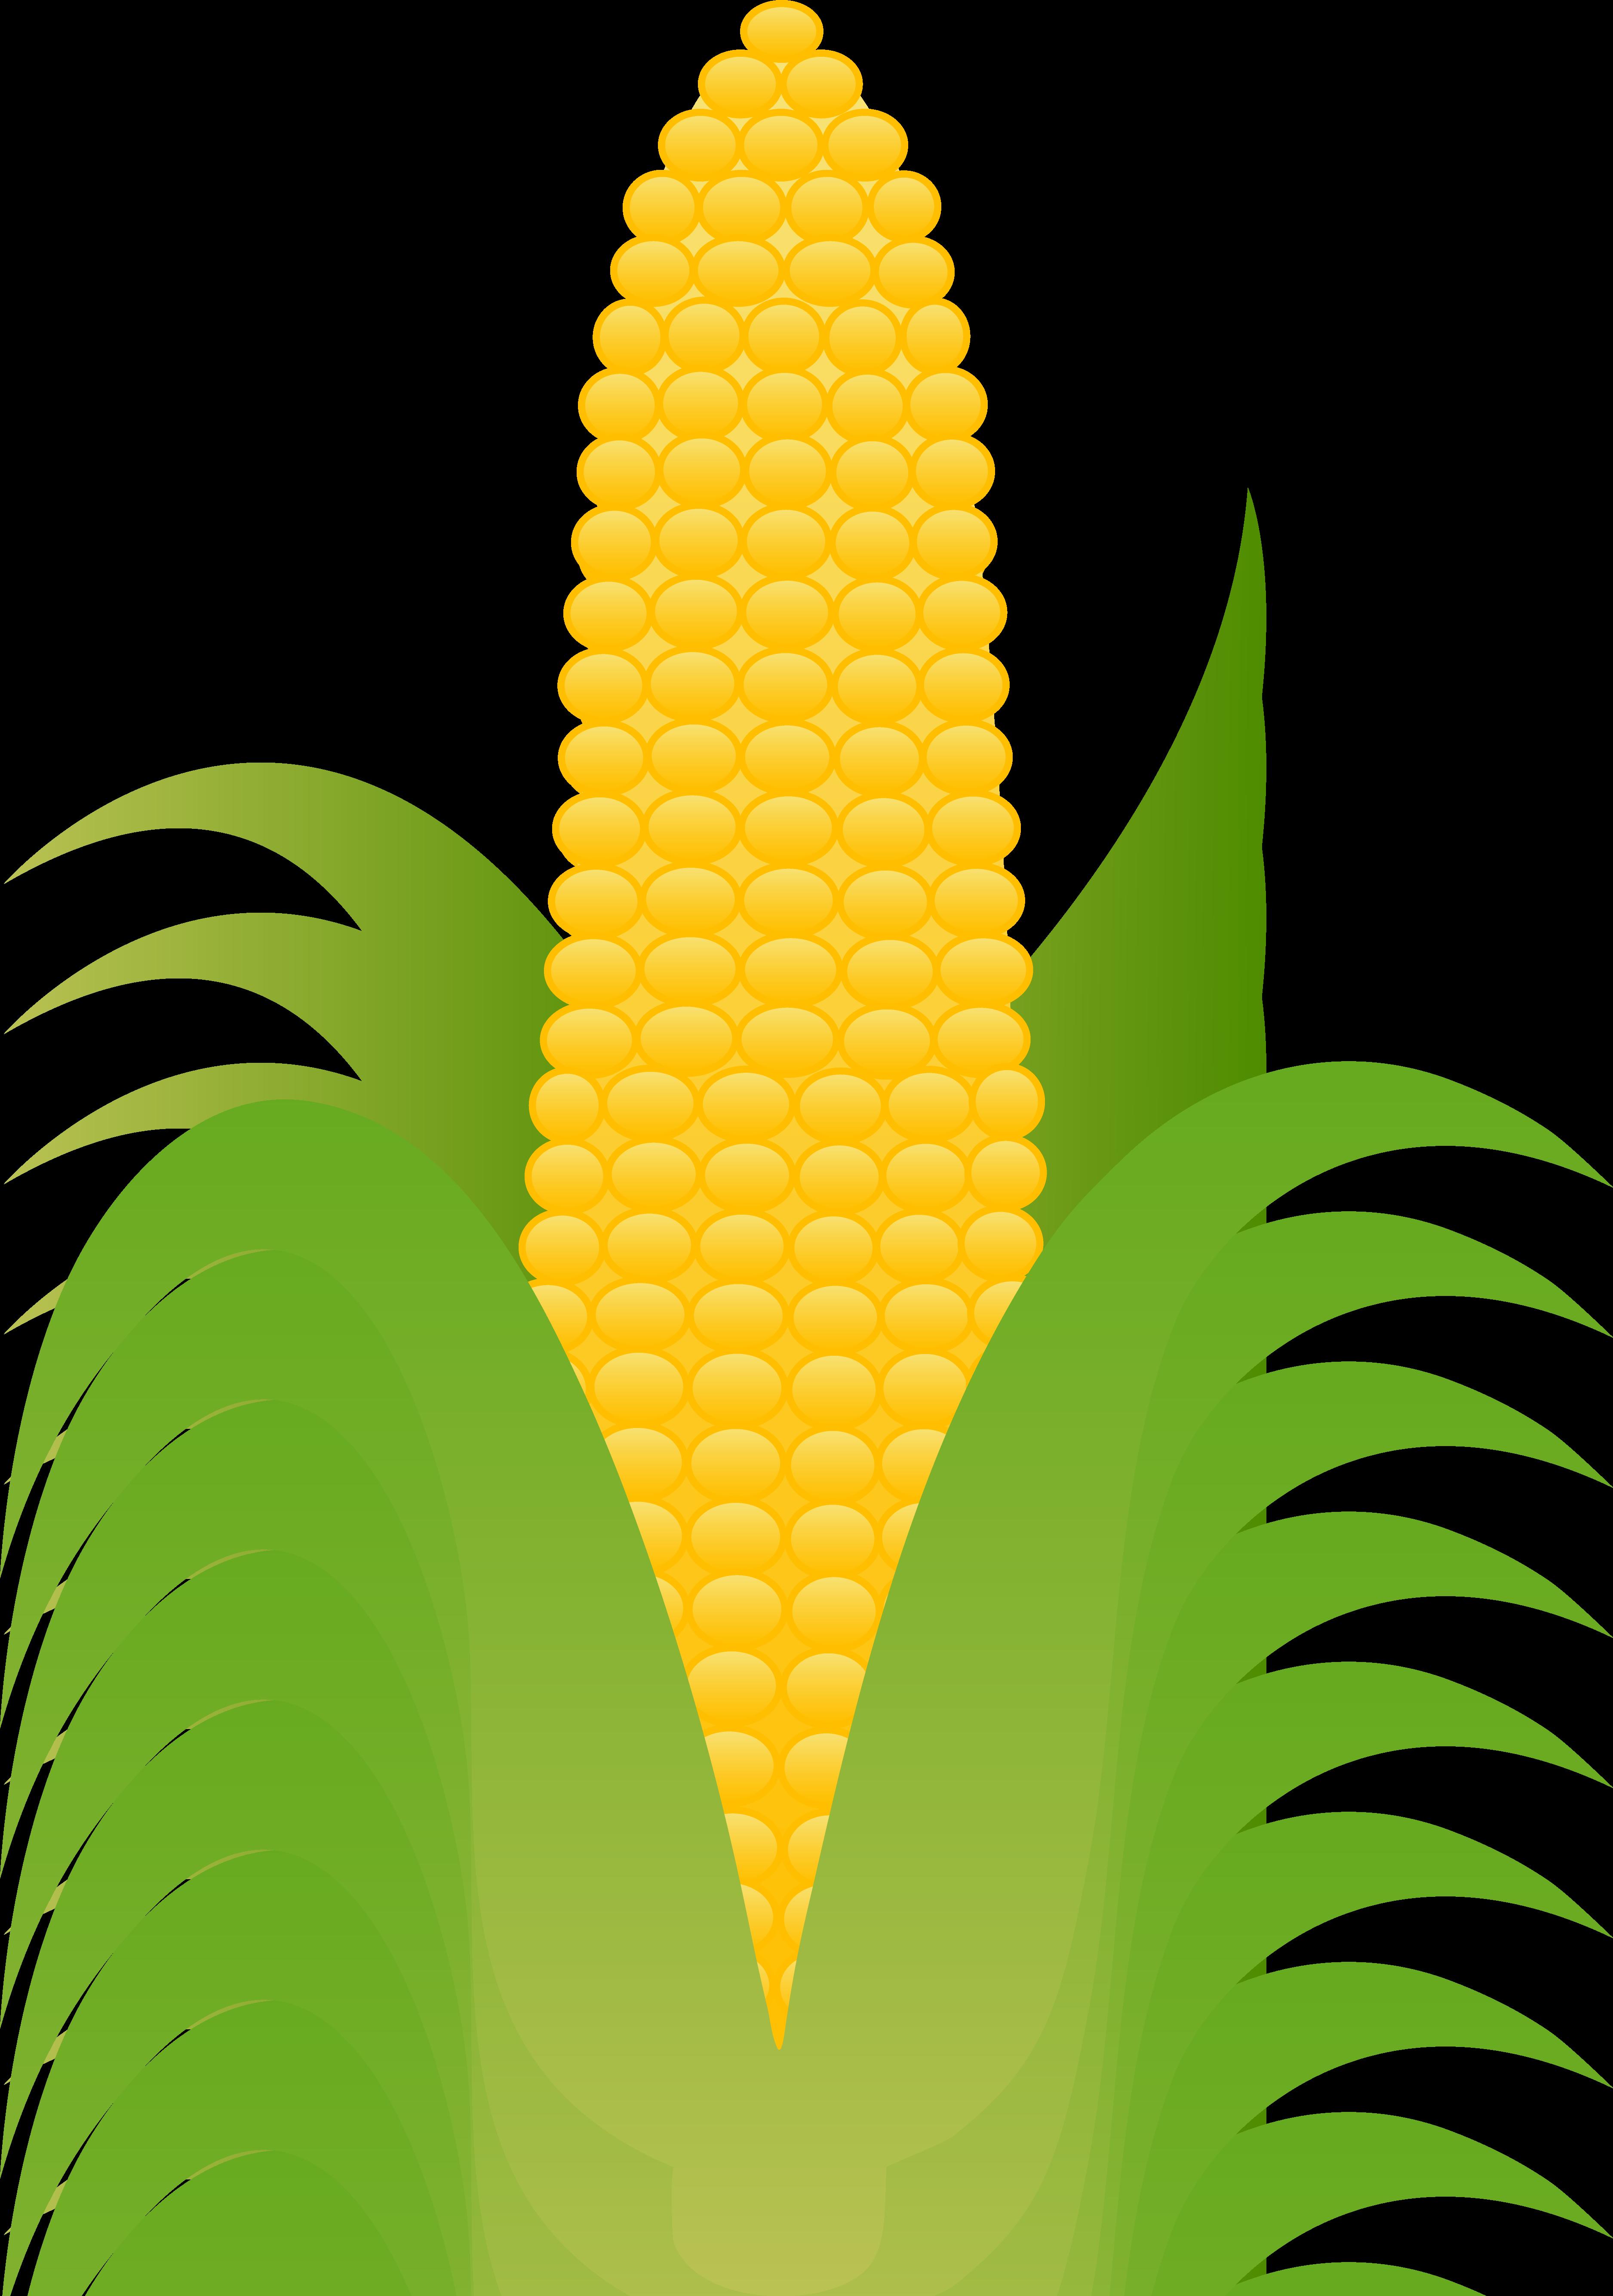 Corn Husk Clipart-Corn Husk Clipart-12